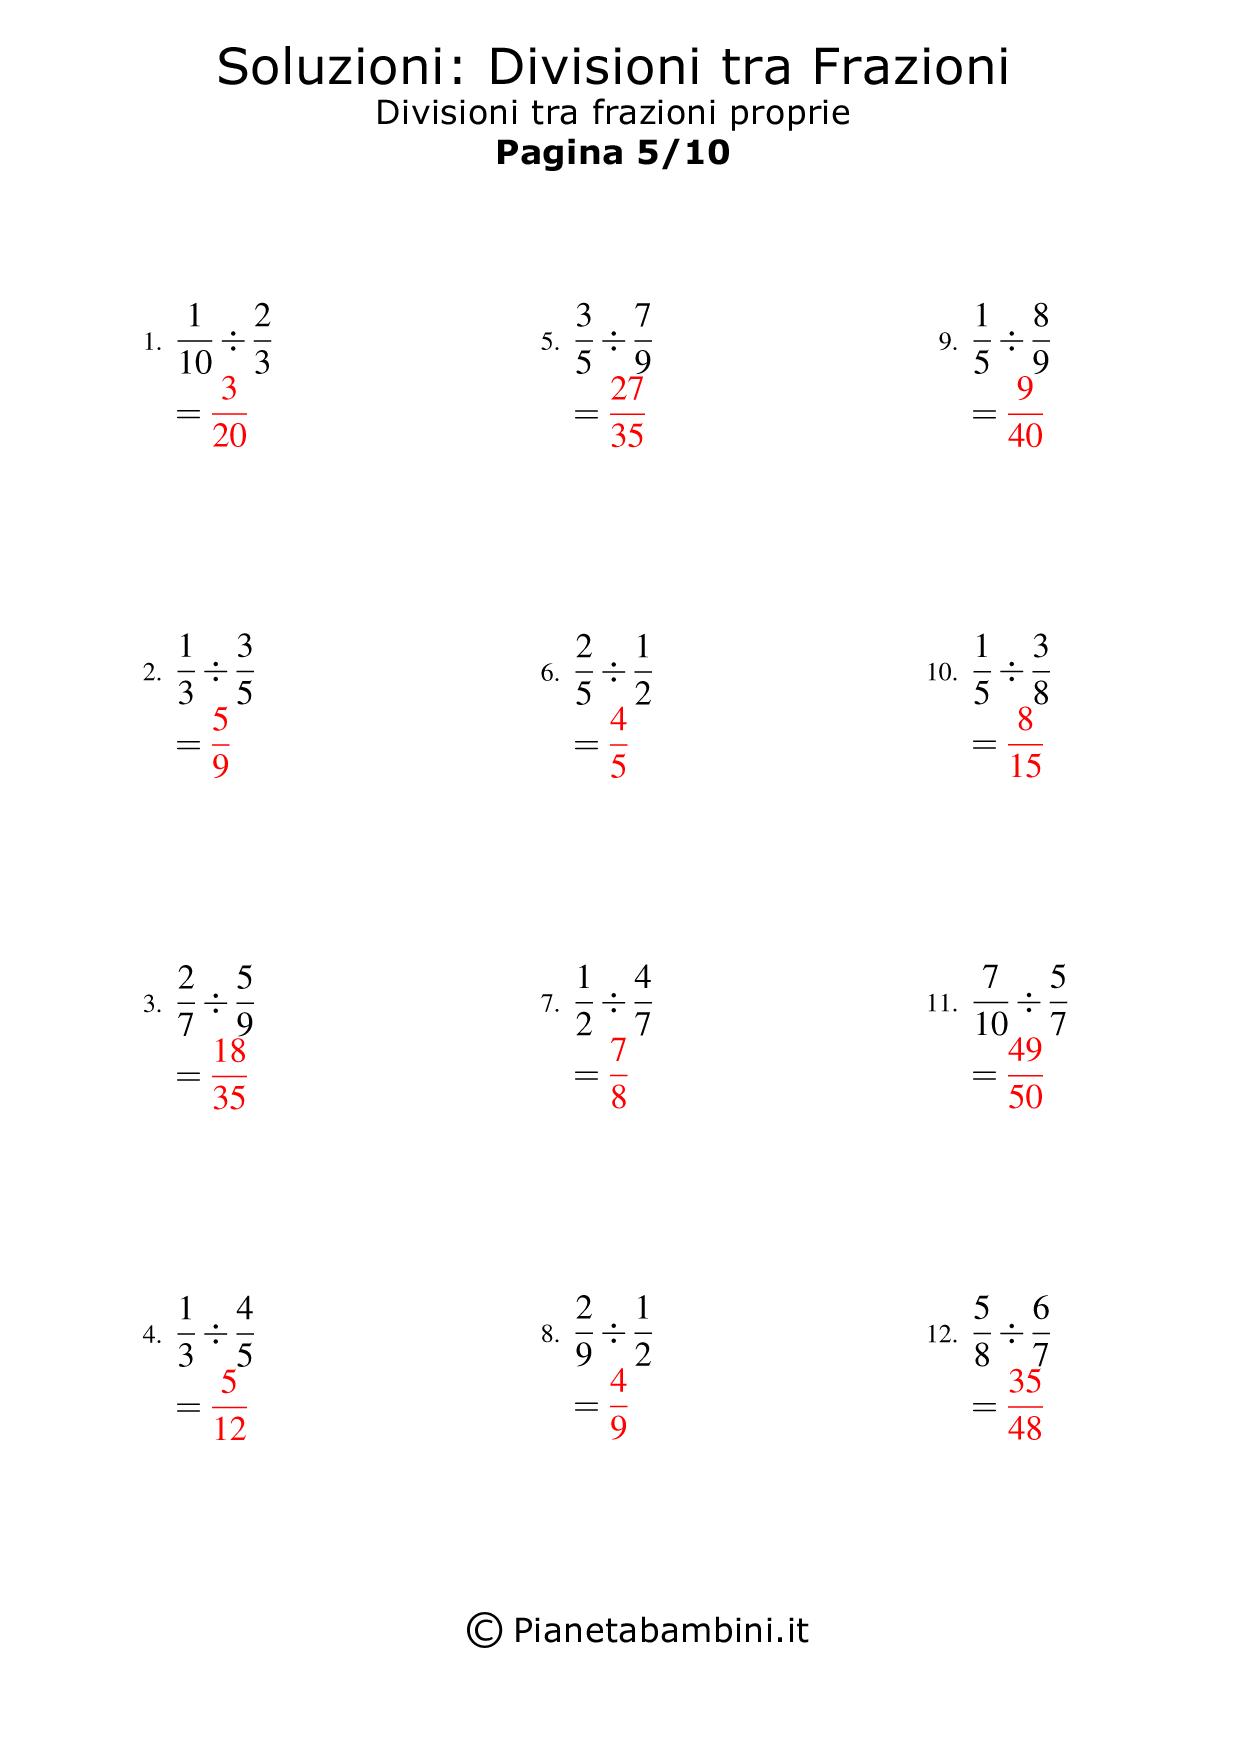 Soluzioni-Divisioni-Frazioni-Proprie_05